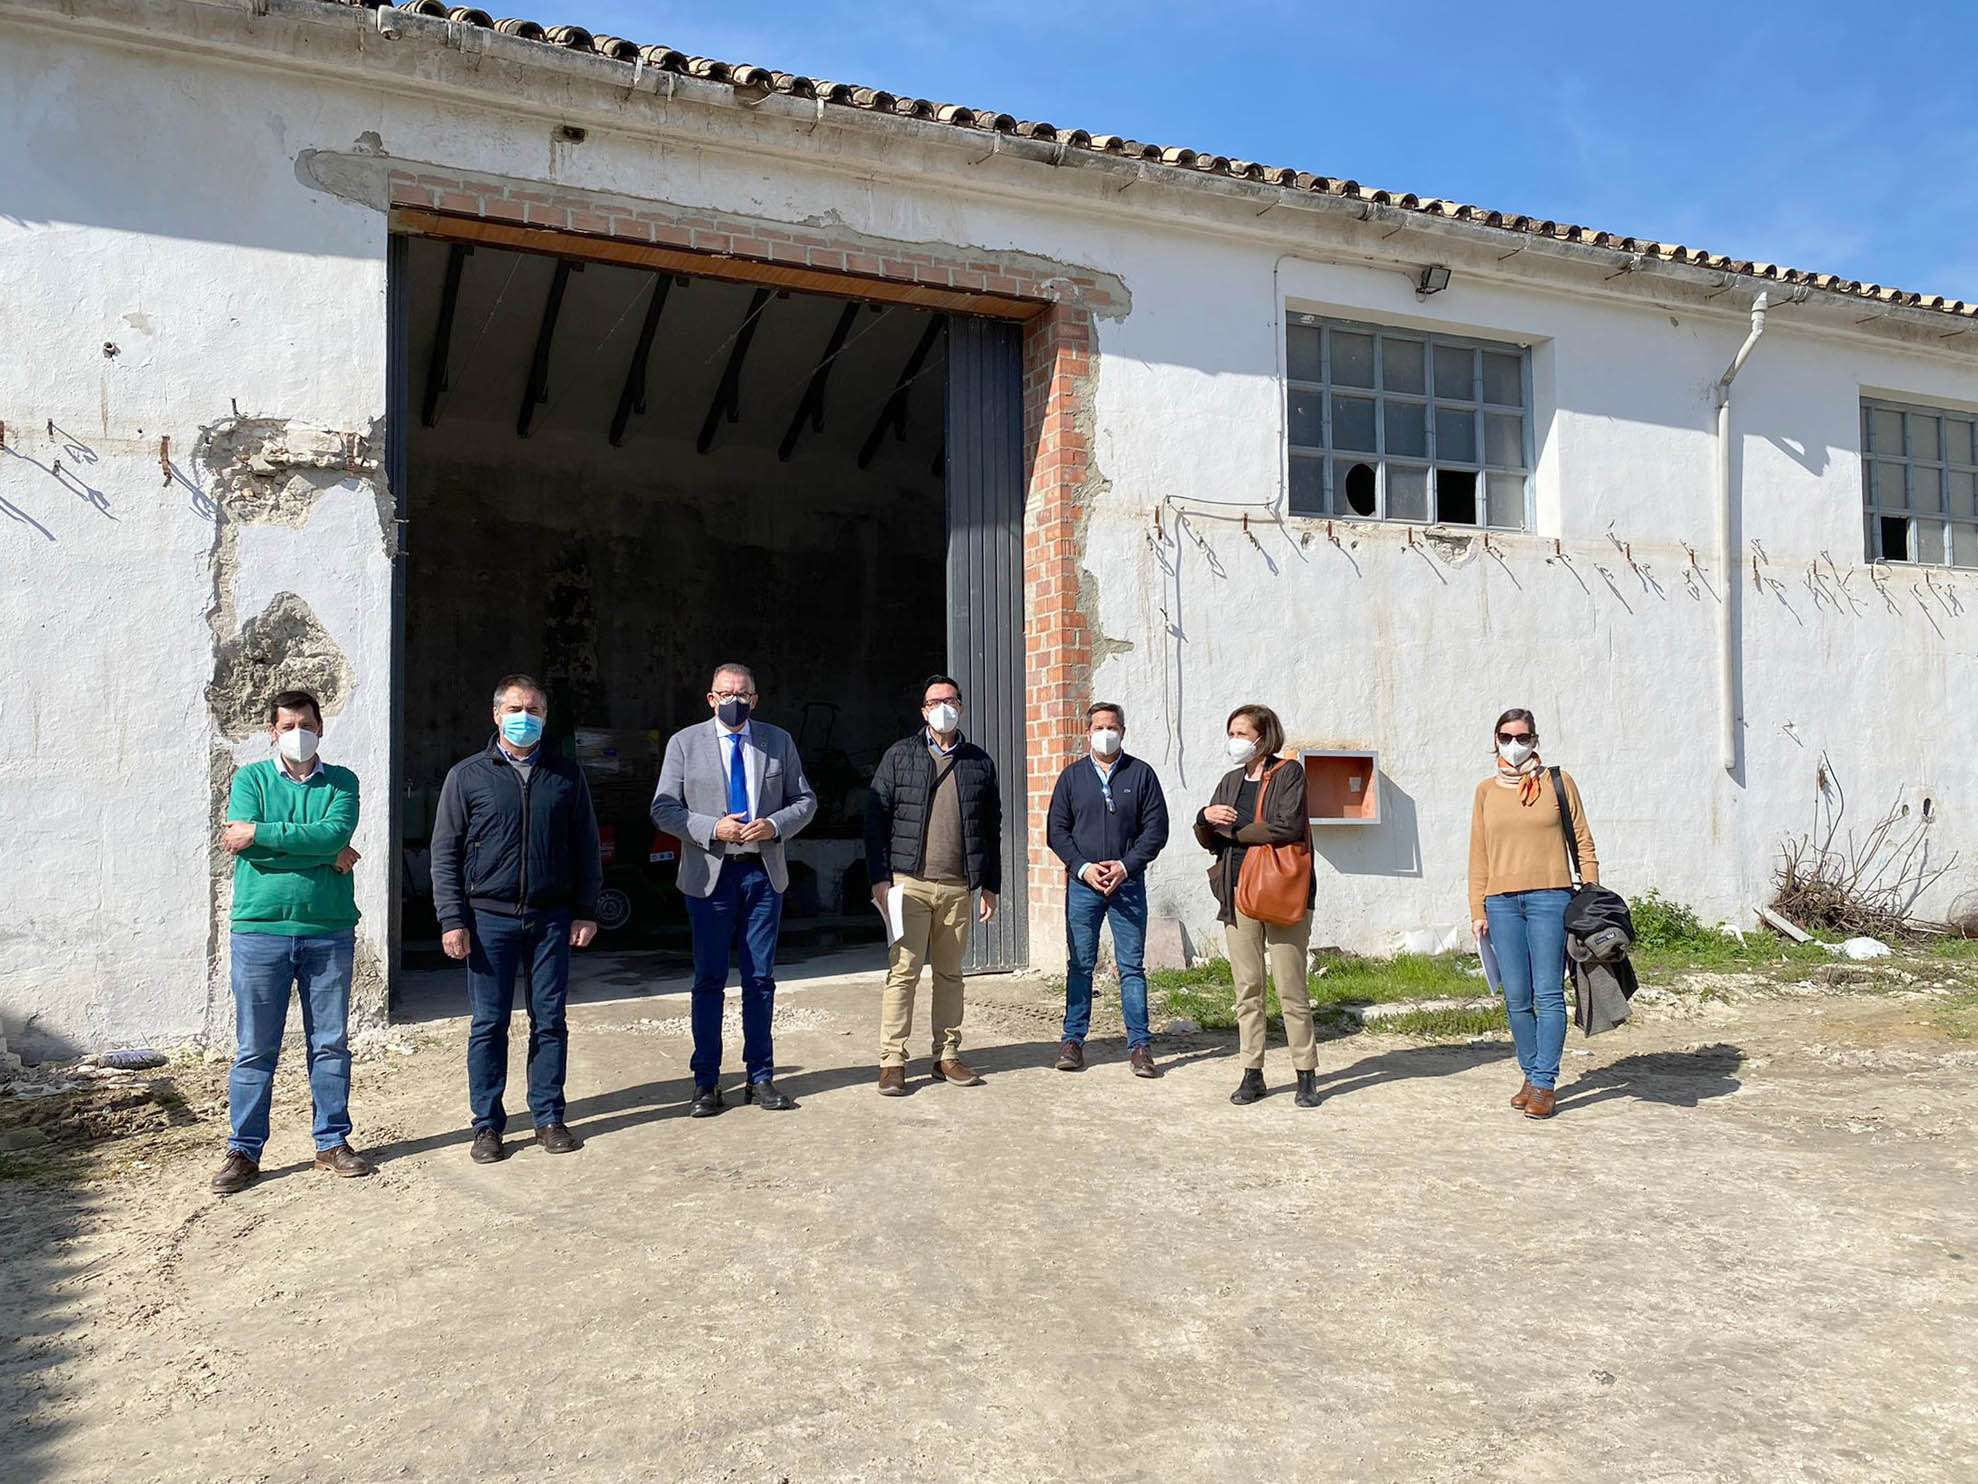 El delegado de Cohesión Territorial de la Diputación de Córdoba, Juan Díaz, ha hecho entrega al alcalde de Nueva Carteya, Vicente Tapia, de la obra de rehabilitación realizada con fondos provinciales en las naves de la antigua Cooperativa Aceitera de Nuestra Señora del Rosario.